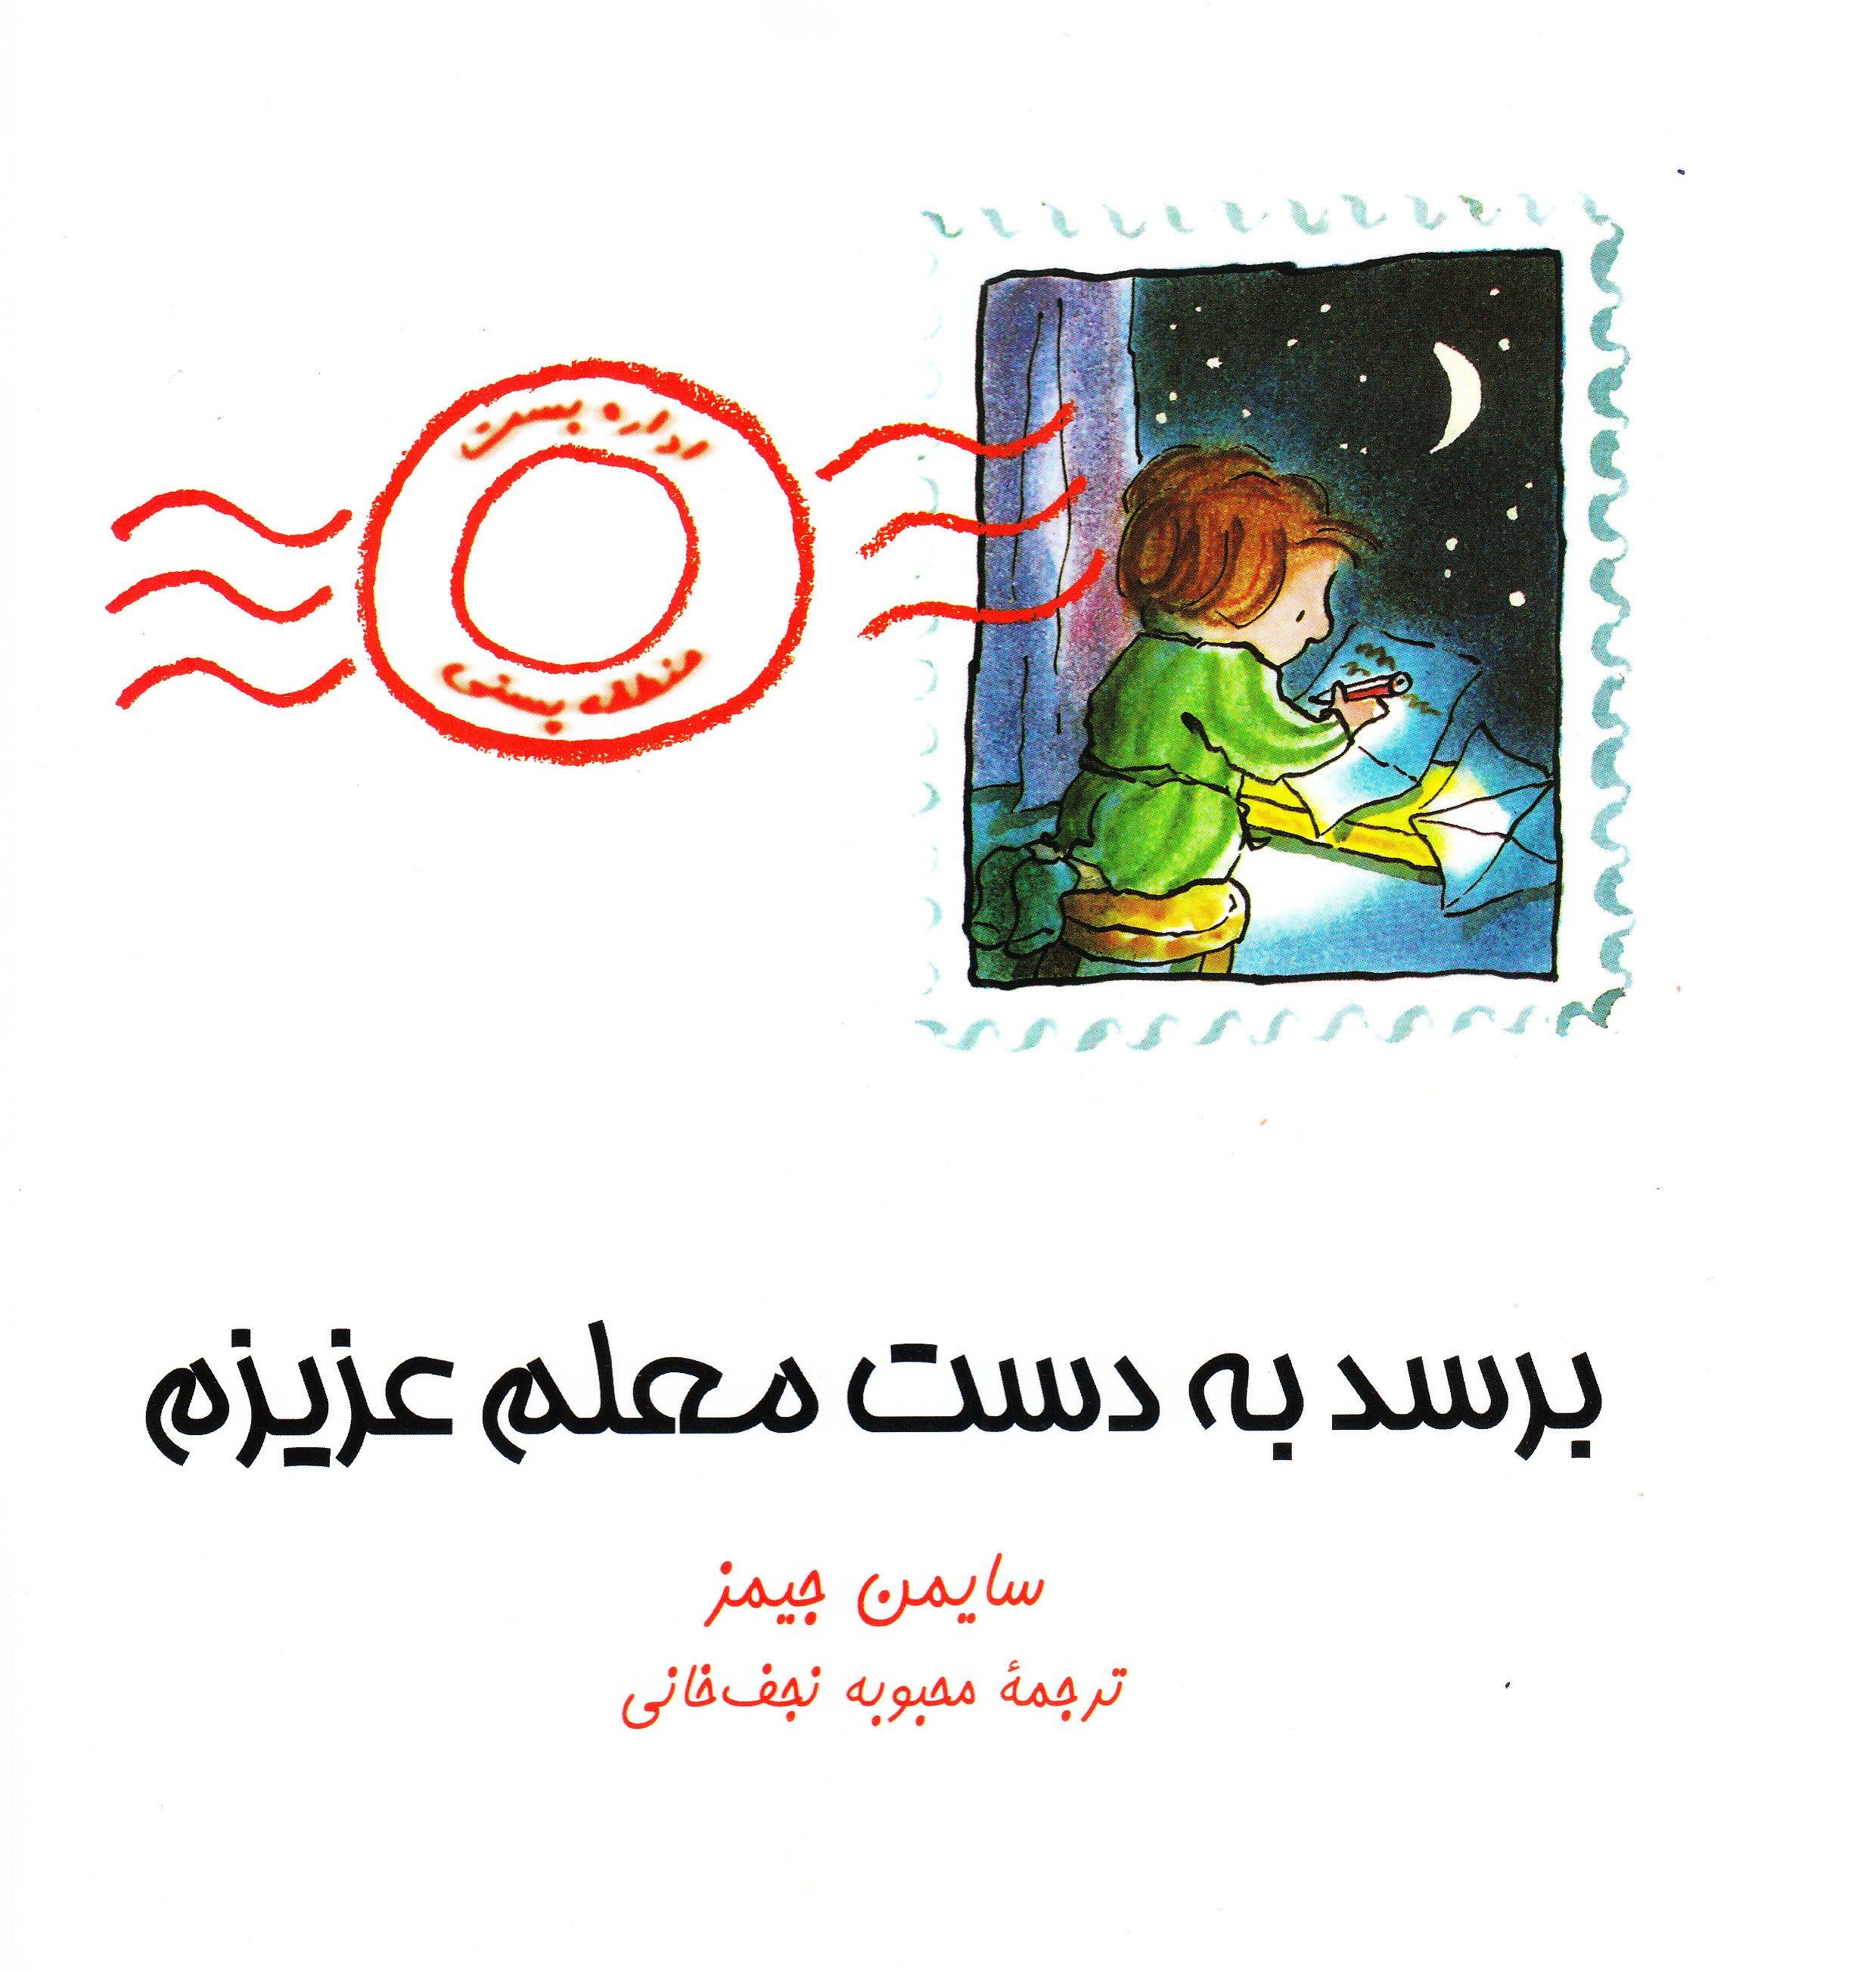 کتاب کودک و نوجوان: برسد به دست معلم عزیزم